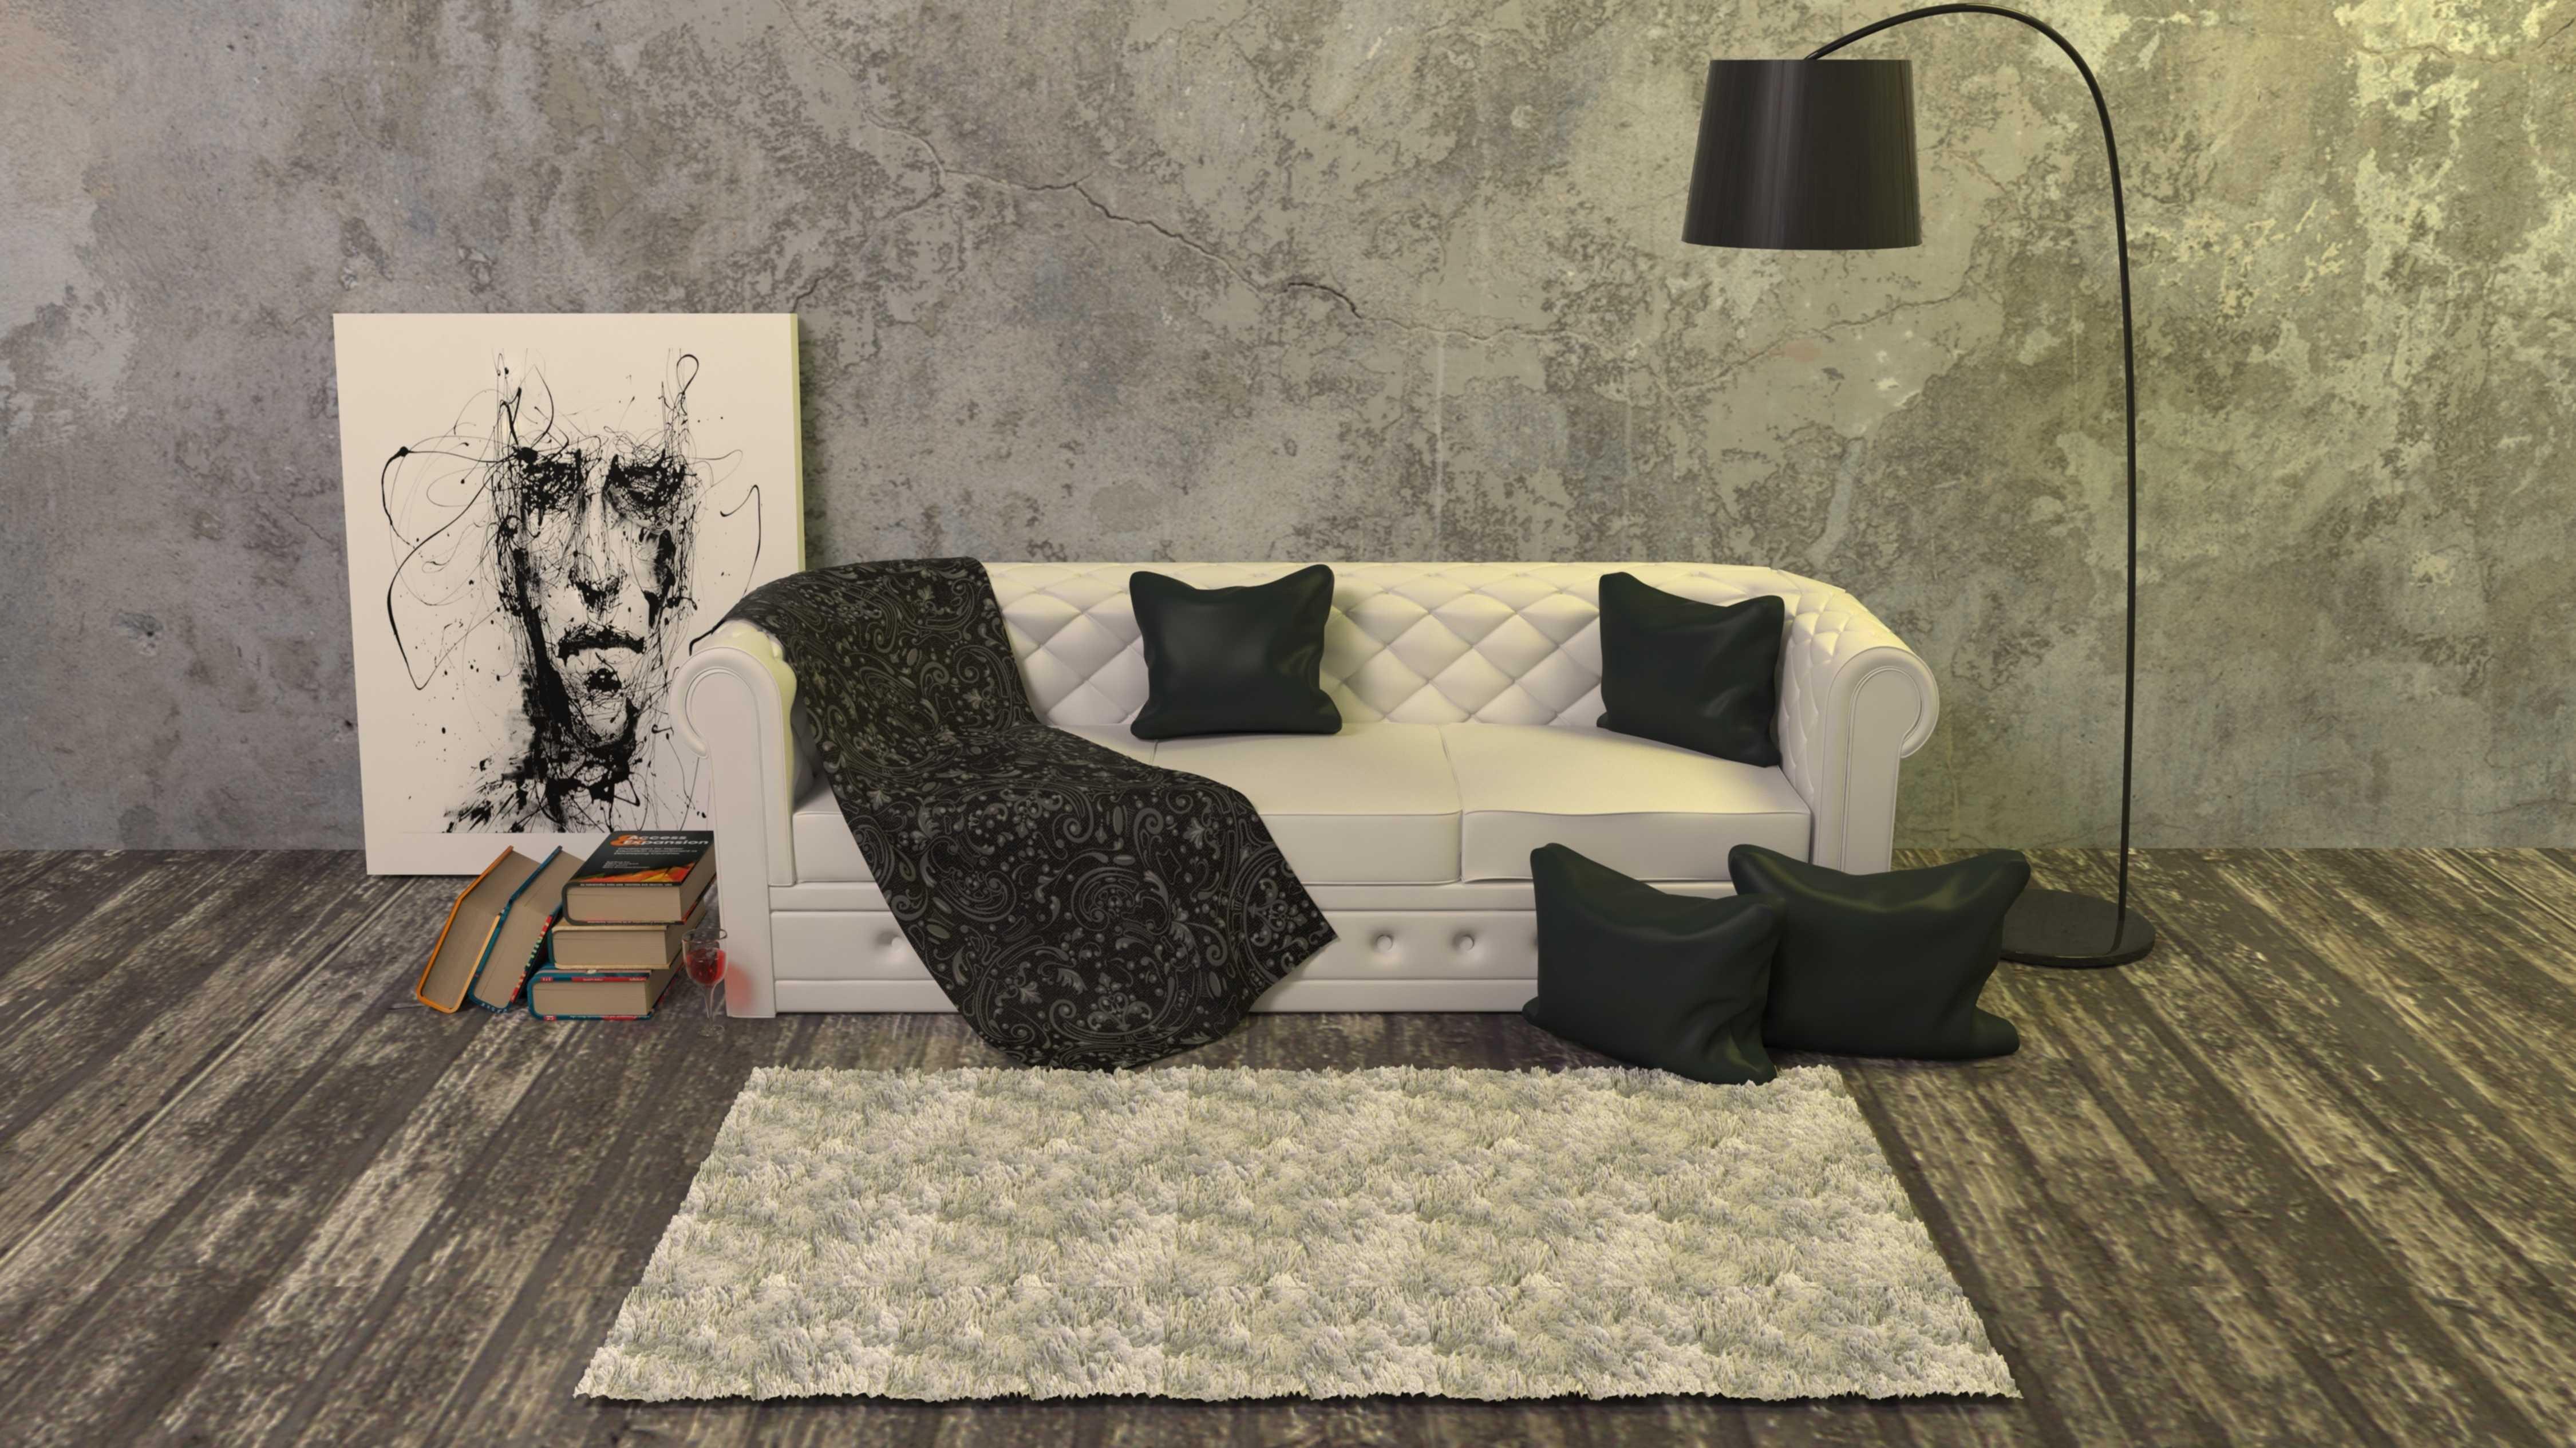 Das Sofa aus dem Internet: Ikea & Co. unter Druck